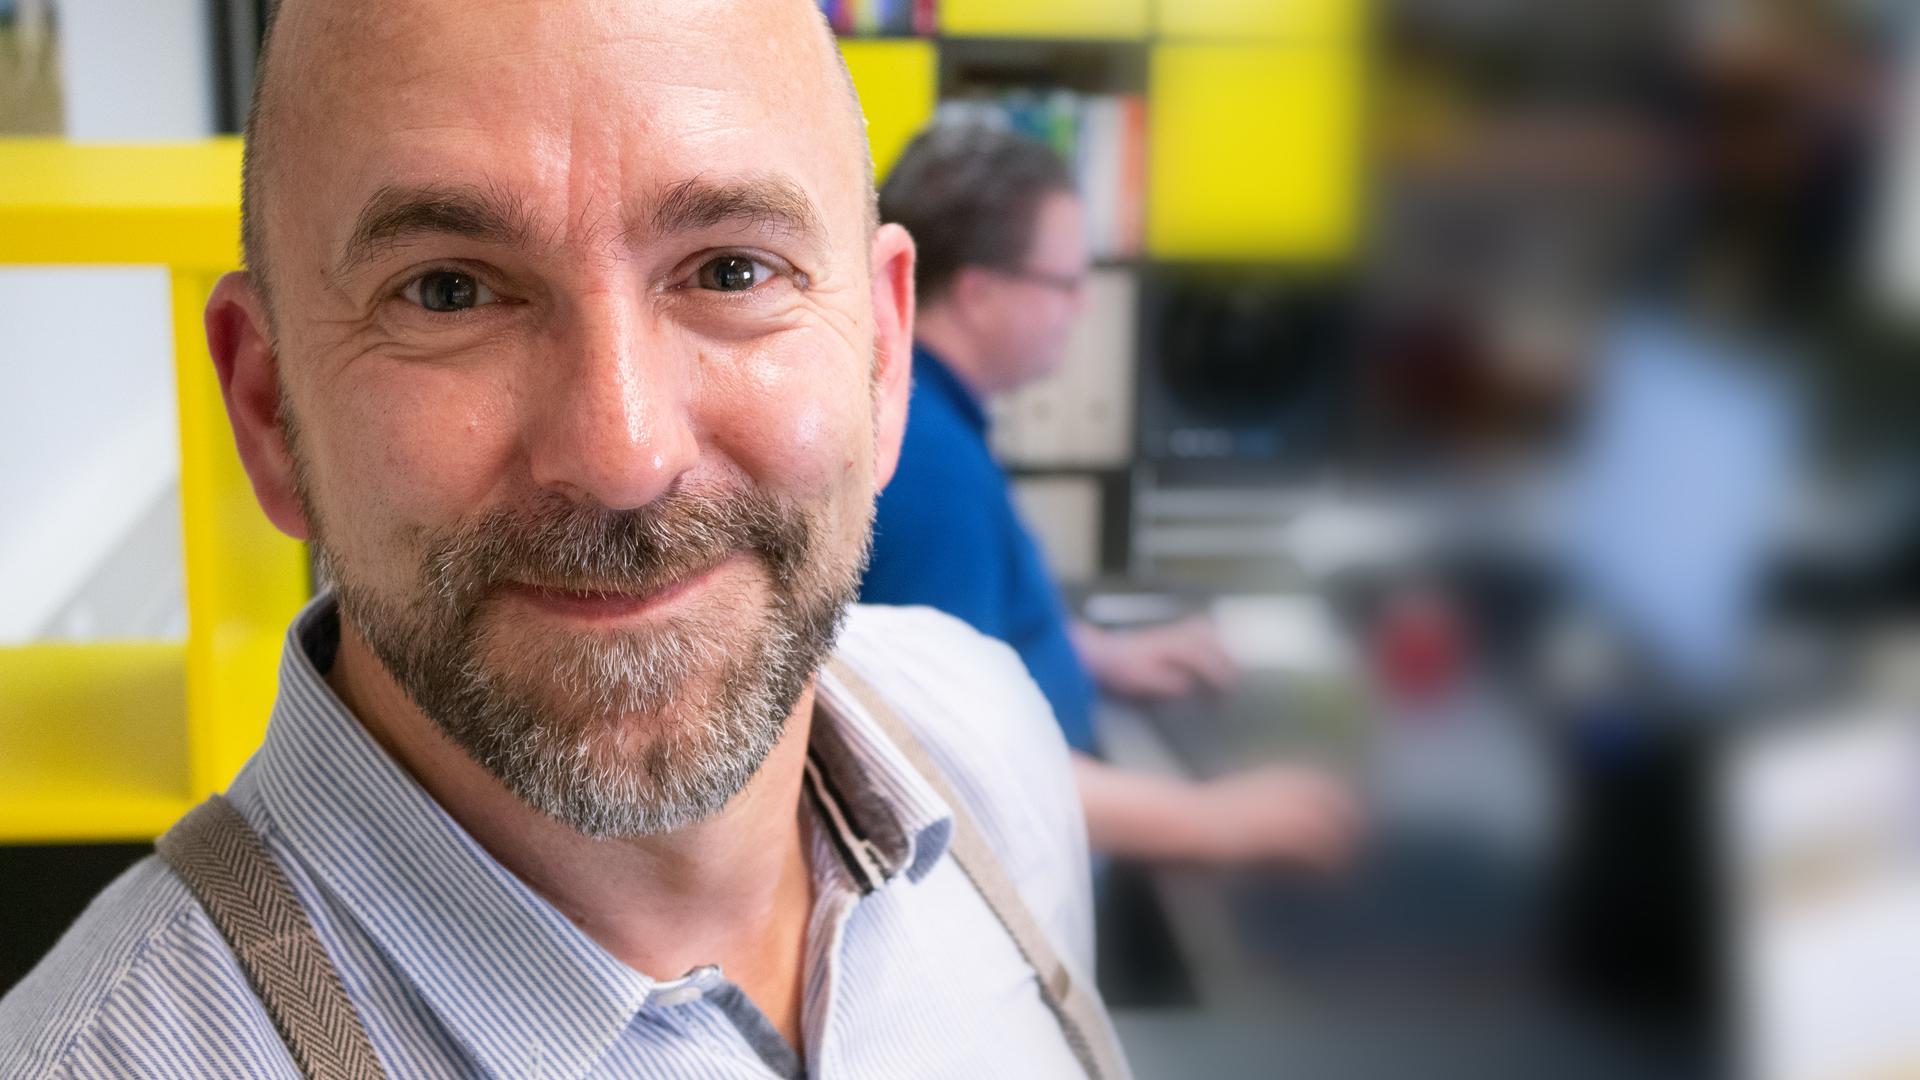 Andreas Krög, Geschäftsführer der Gaggenauer Firma Team2Work.